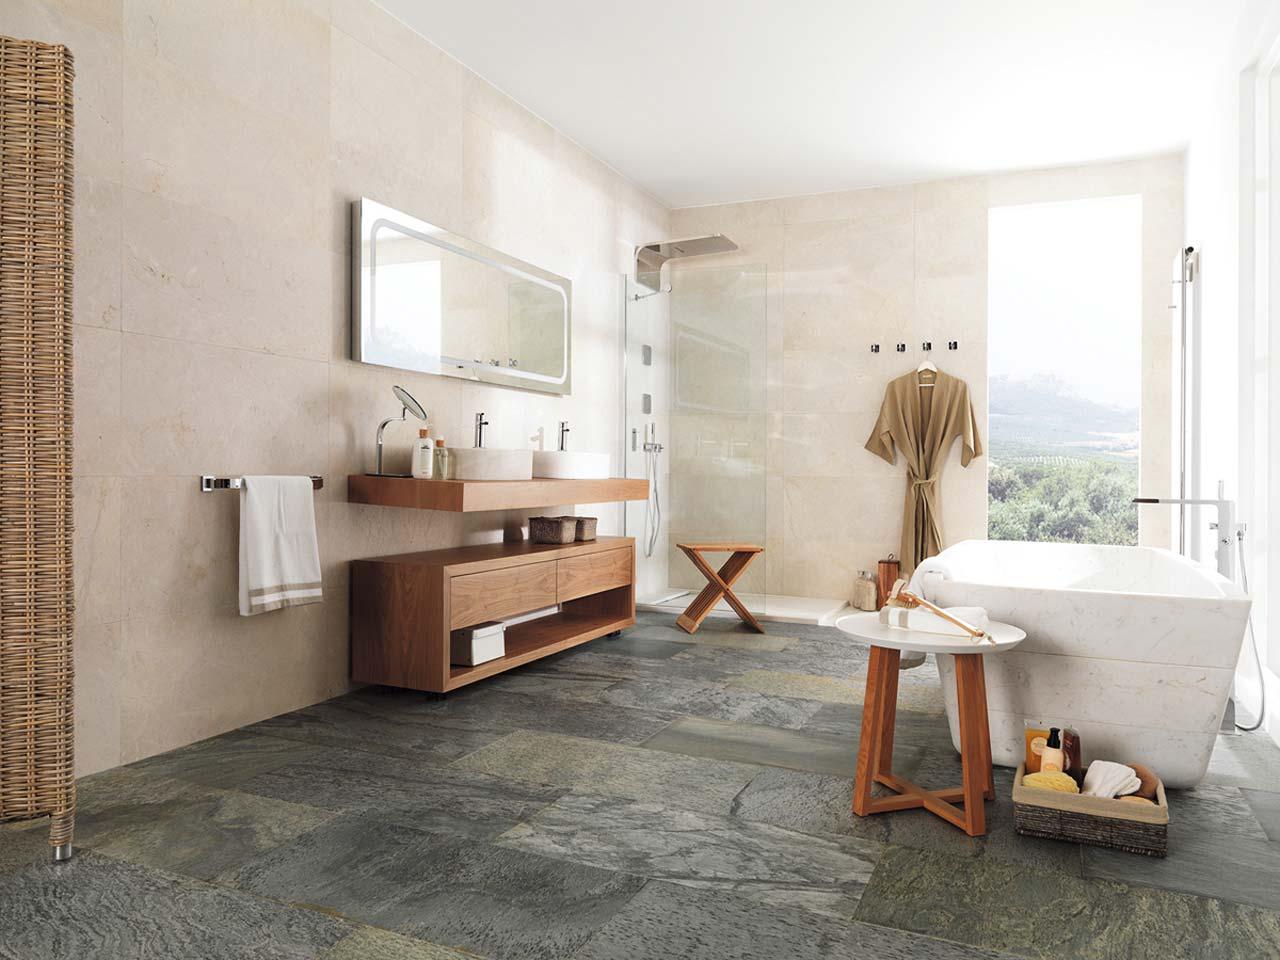 fliesen ab werk spanische und italienische fliesen kaufen. Black Bedroom Furniture Sets. Home Design Ideas